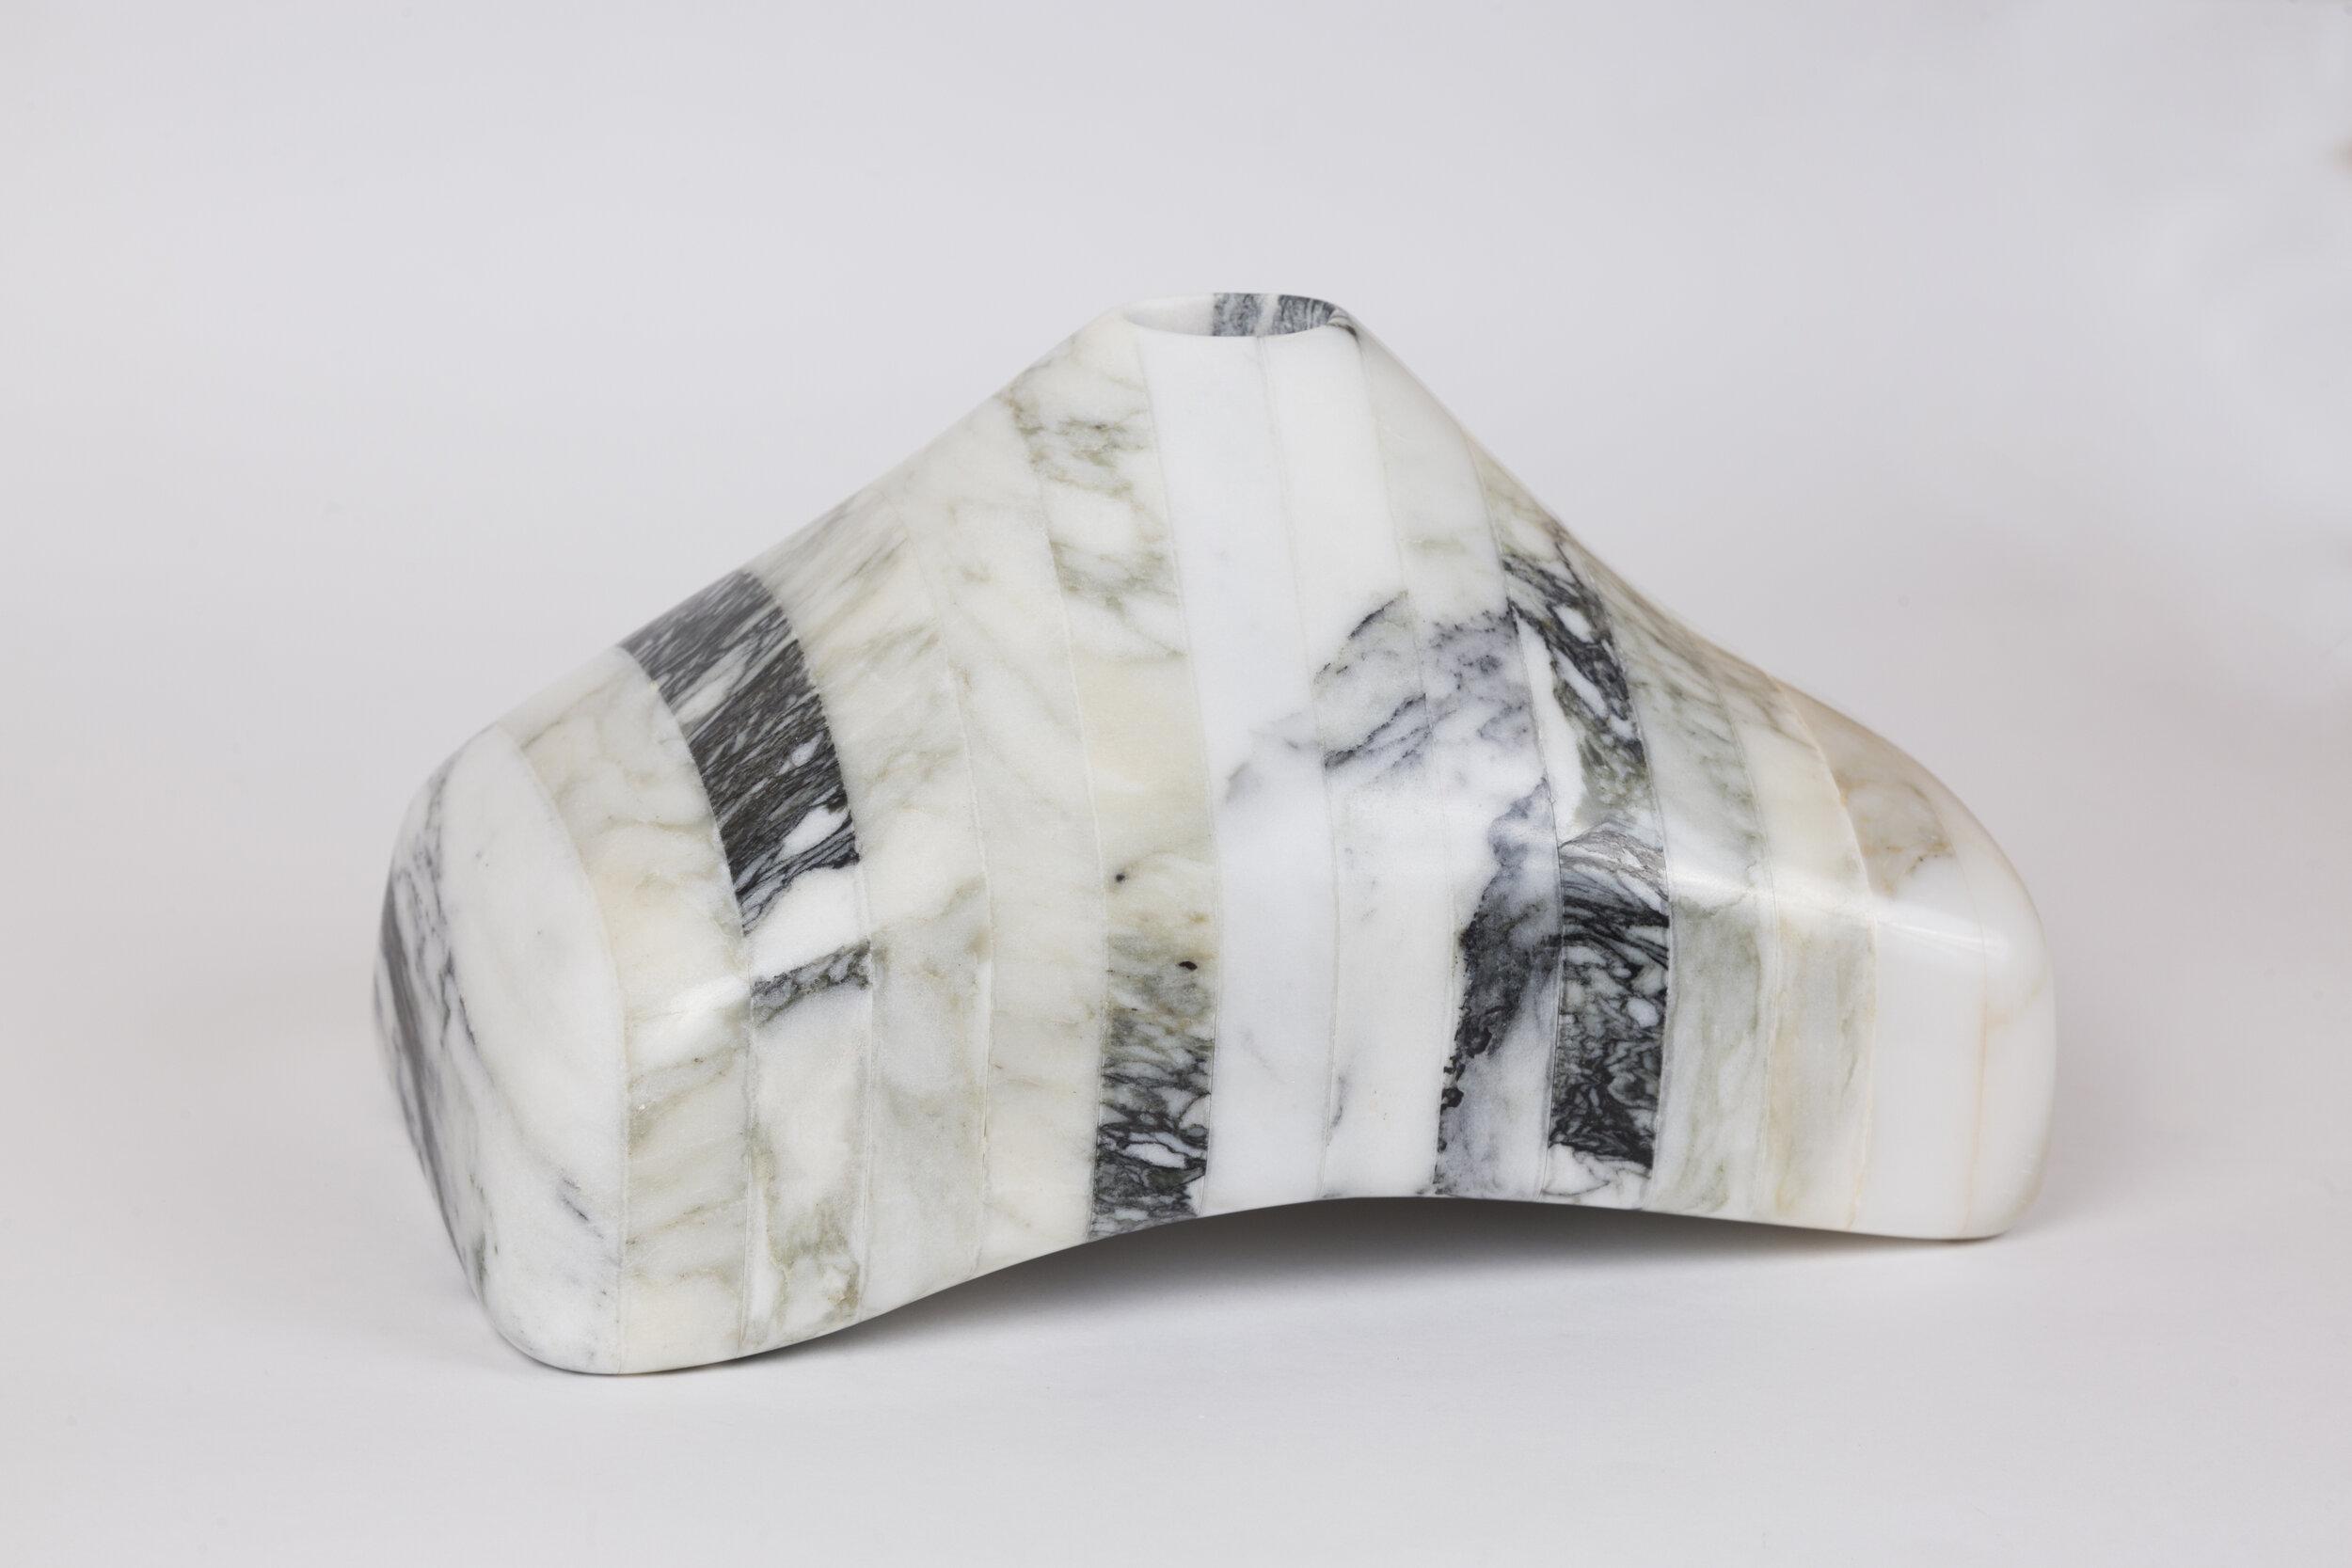 vase _four in neve / greys block